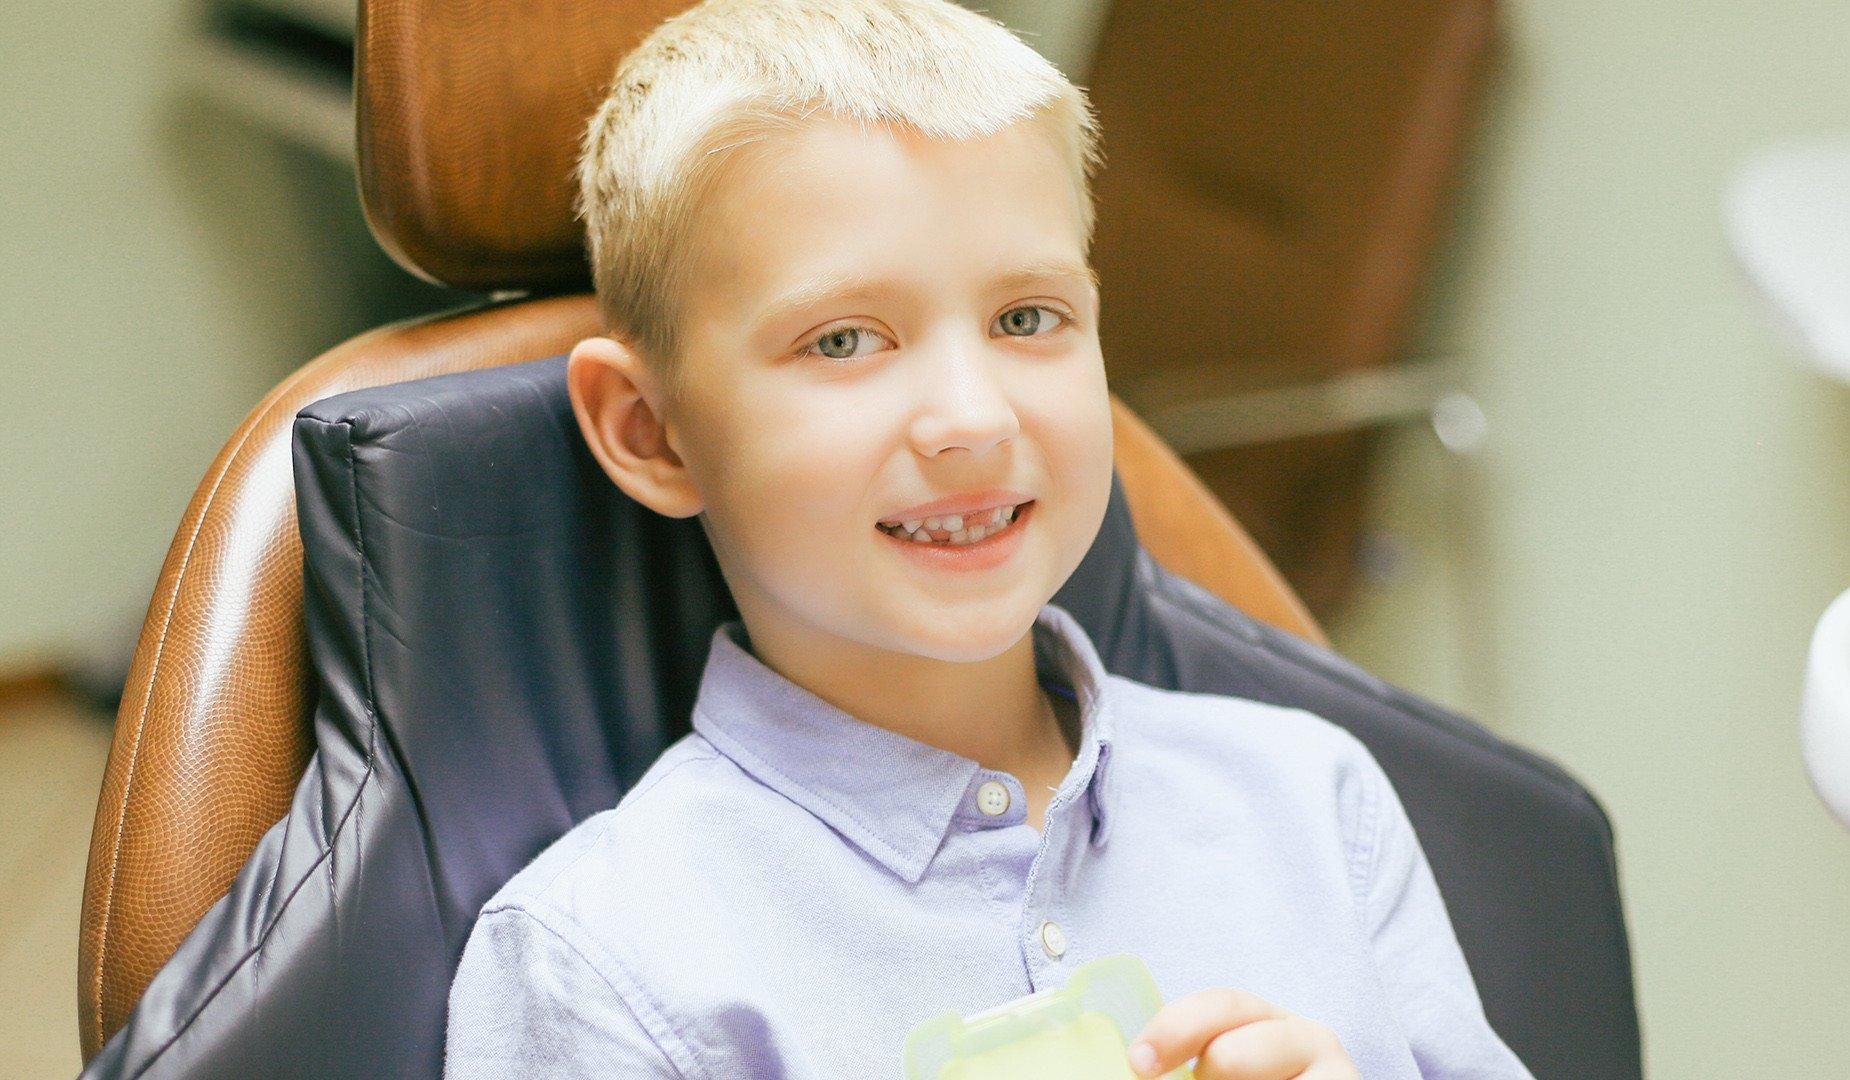 Счастливая улыбка маленького пациента